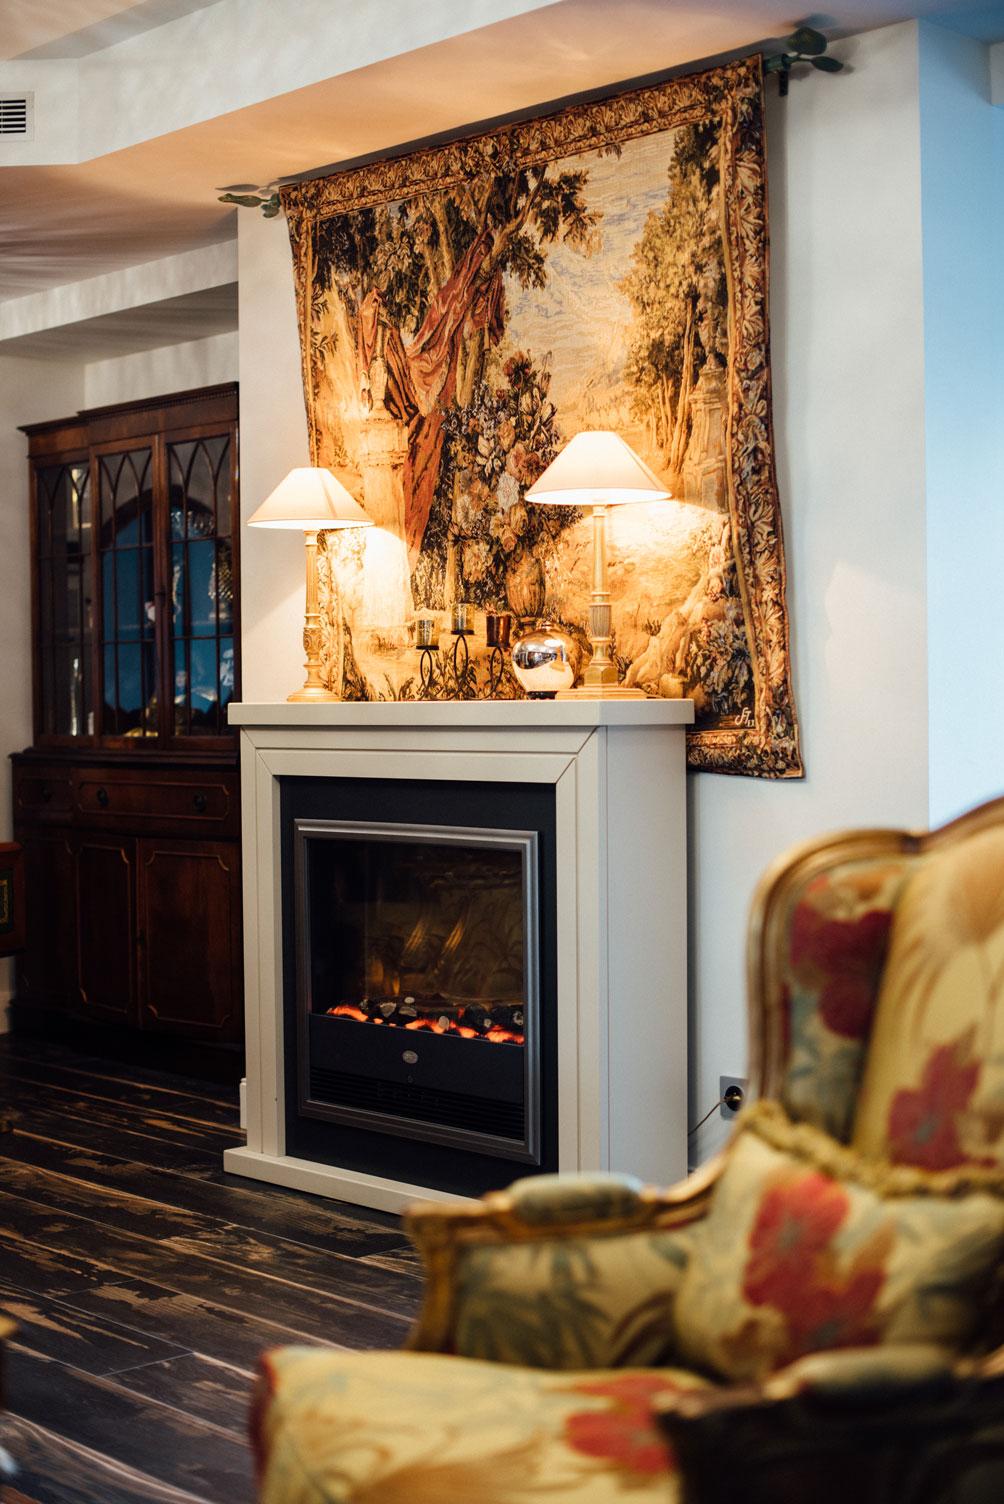 Tapisserie salle commune, lampes, cheminé | Amirauté Hôtel La Baule